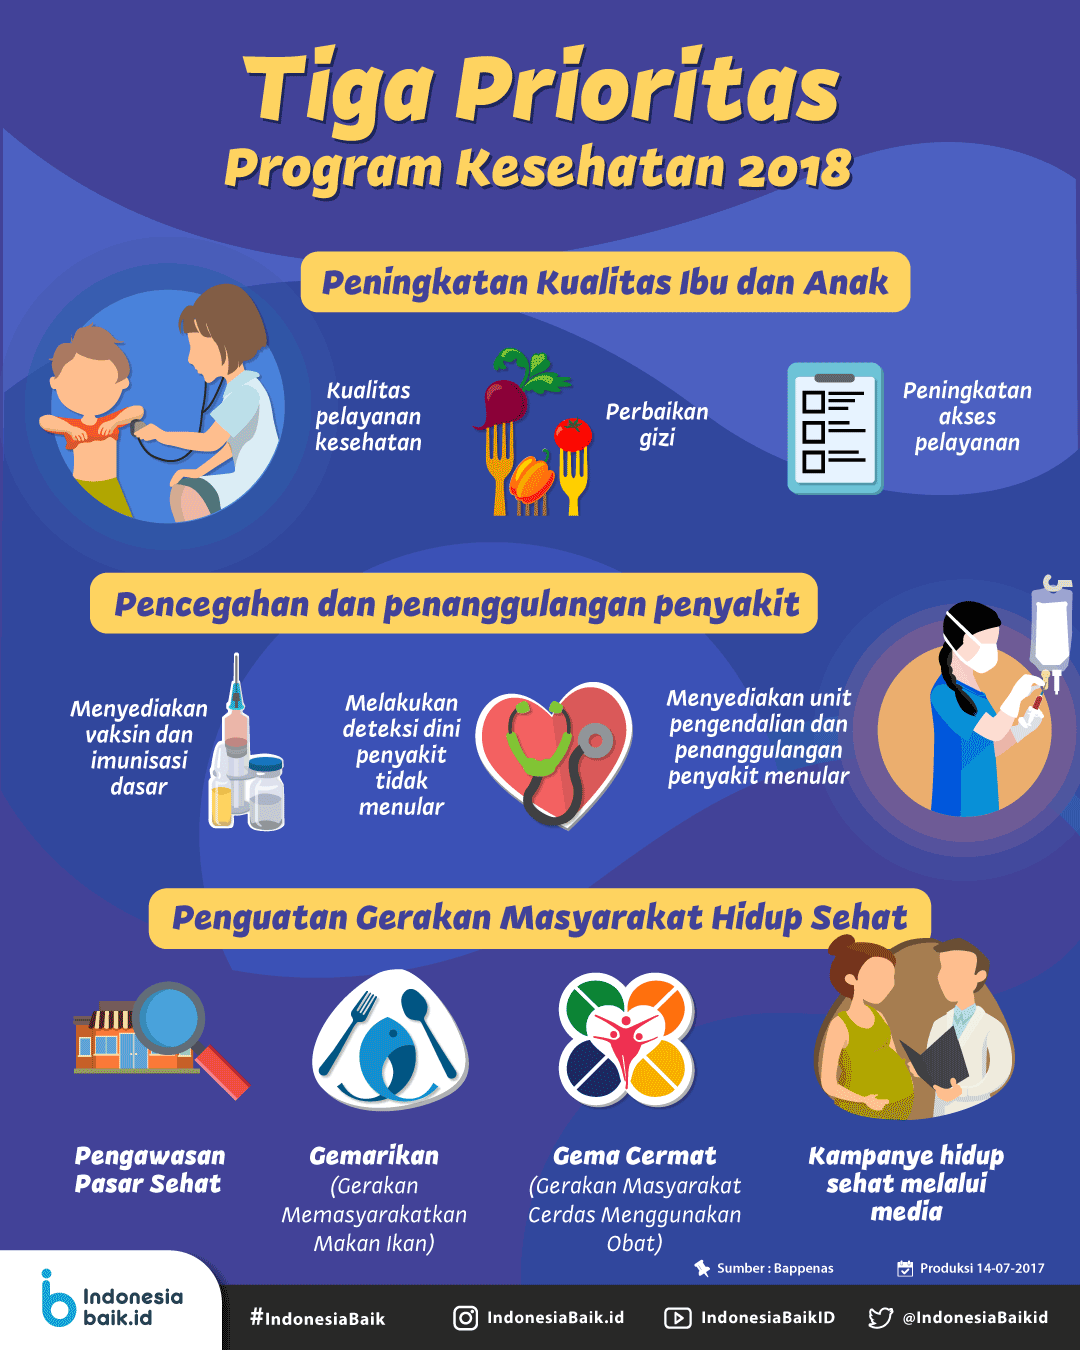 Tiga Prioritas Program Kesehatan 2018